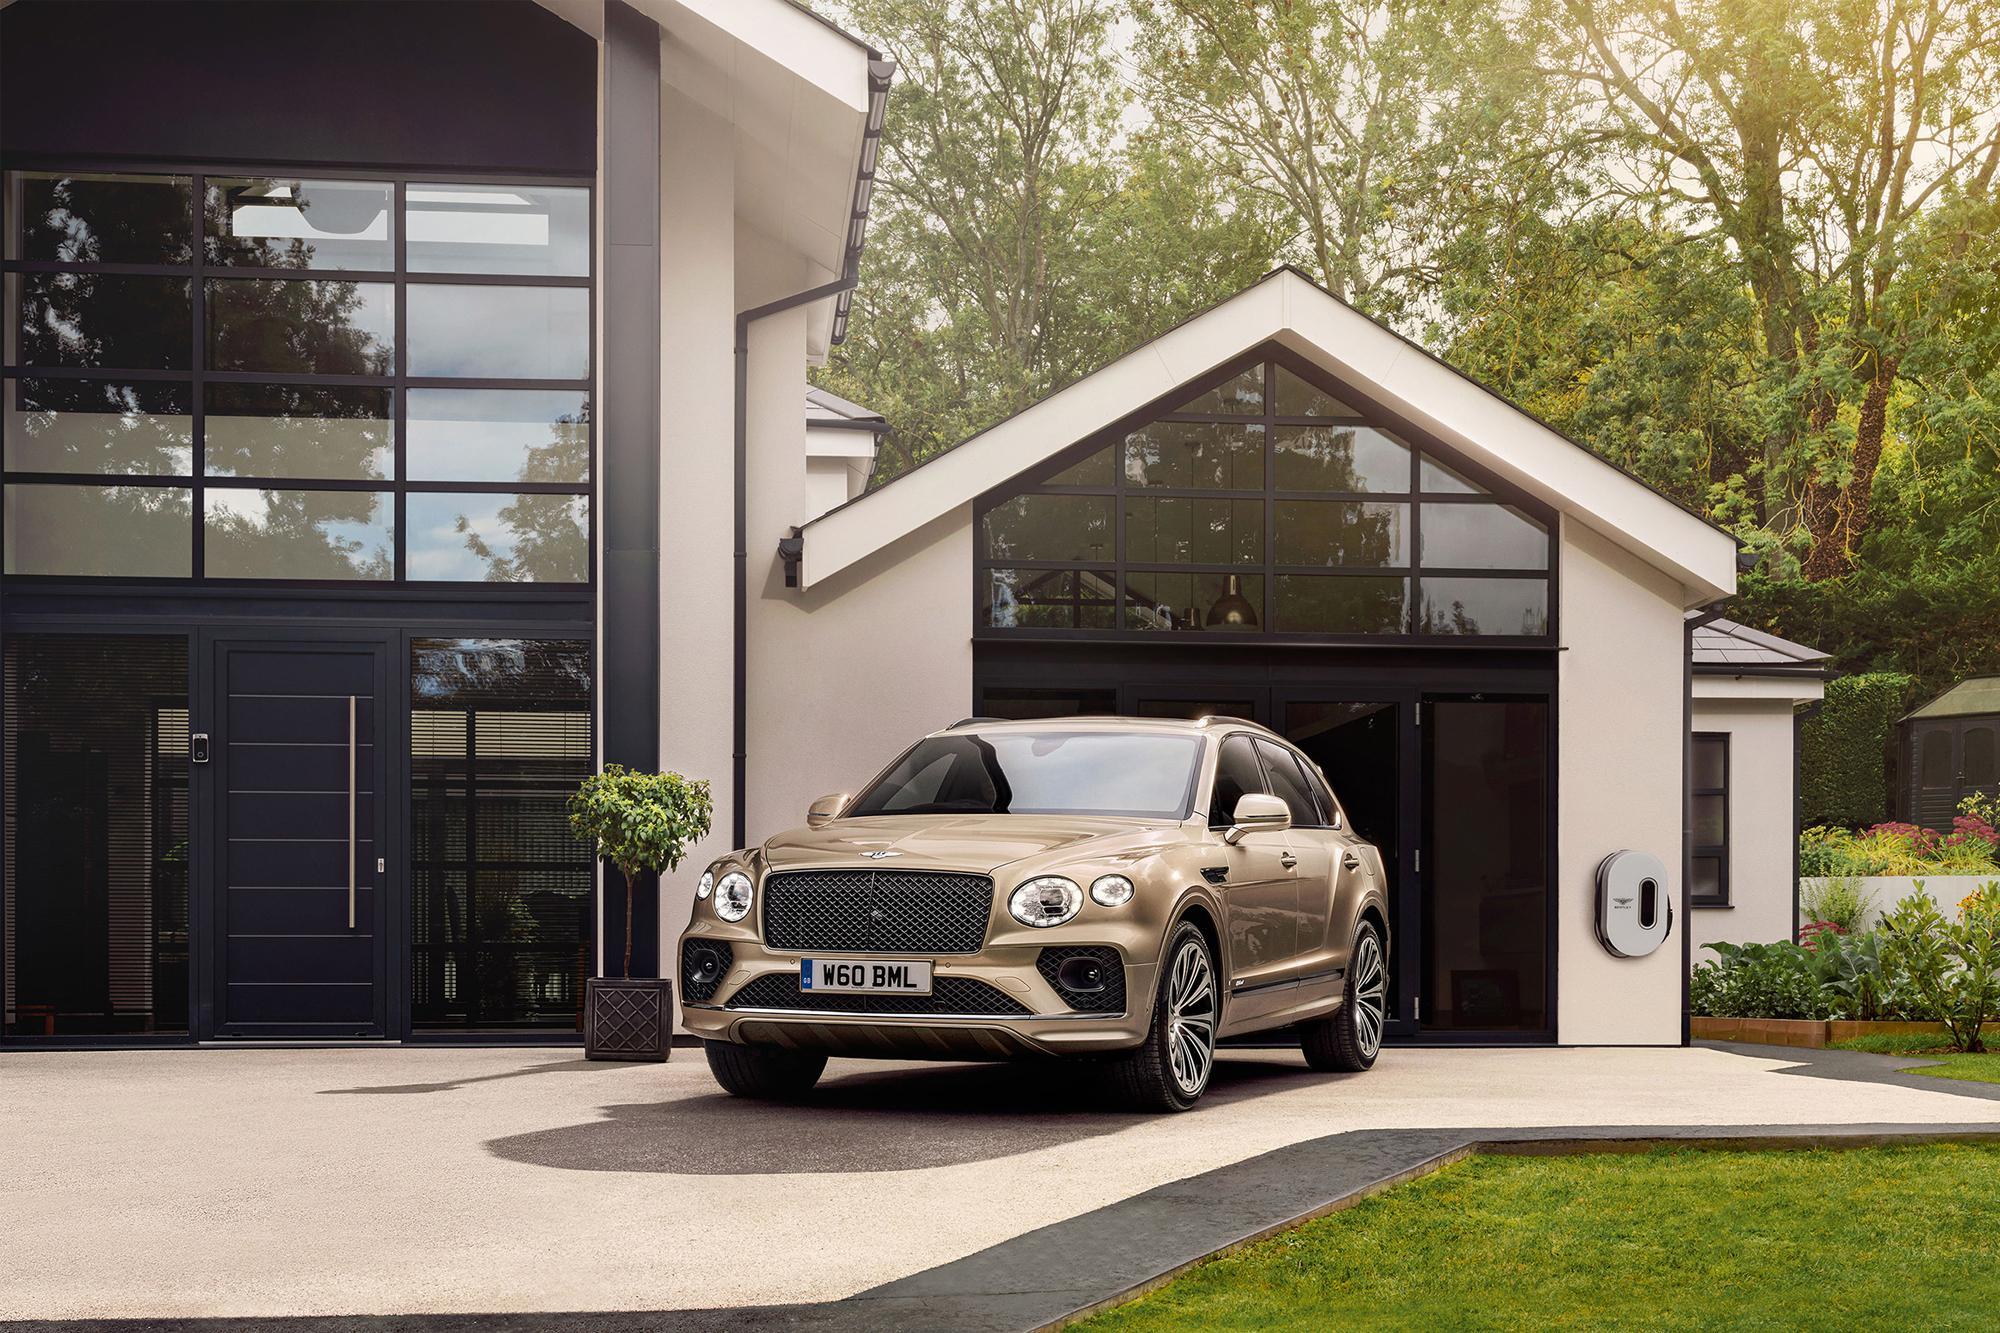 Πρόγραμμα ανακυκλώσιμων ηλεκτροκινητήρων για την Bentley